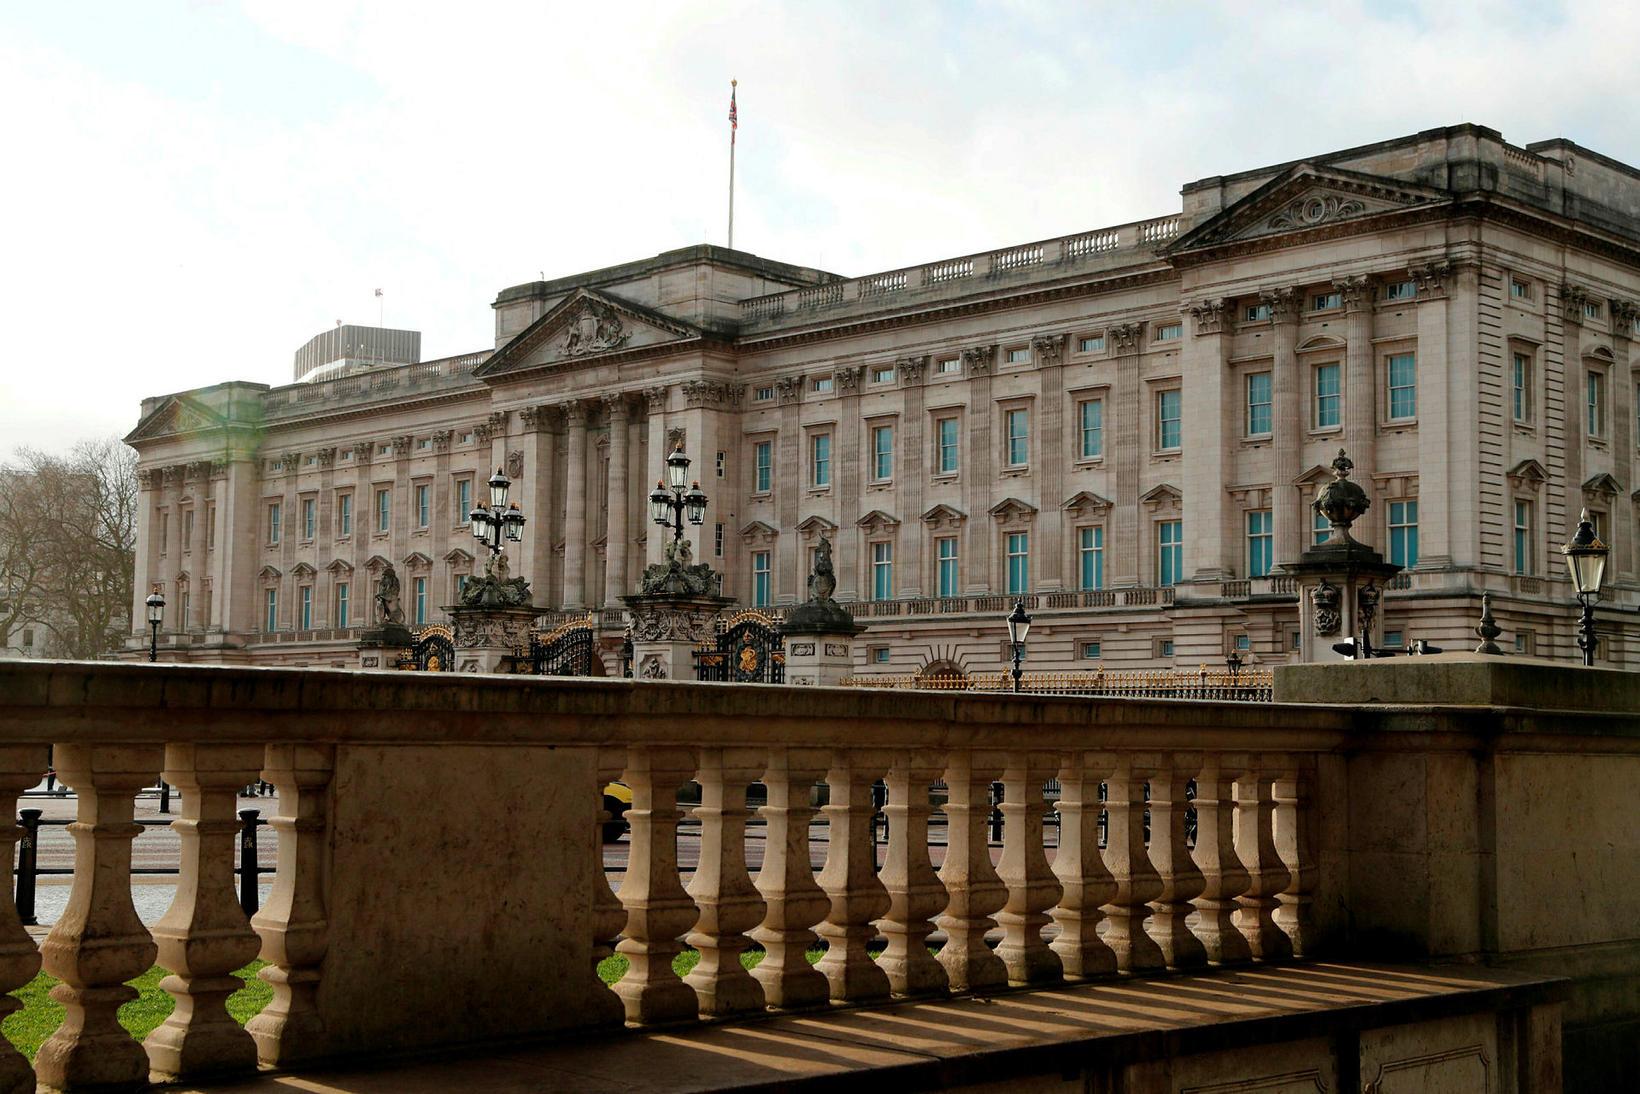 Buckingham-höll í London.